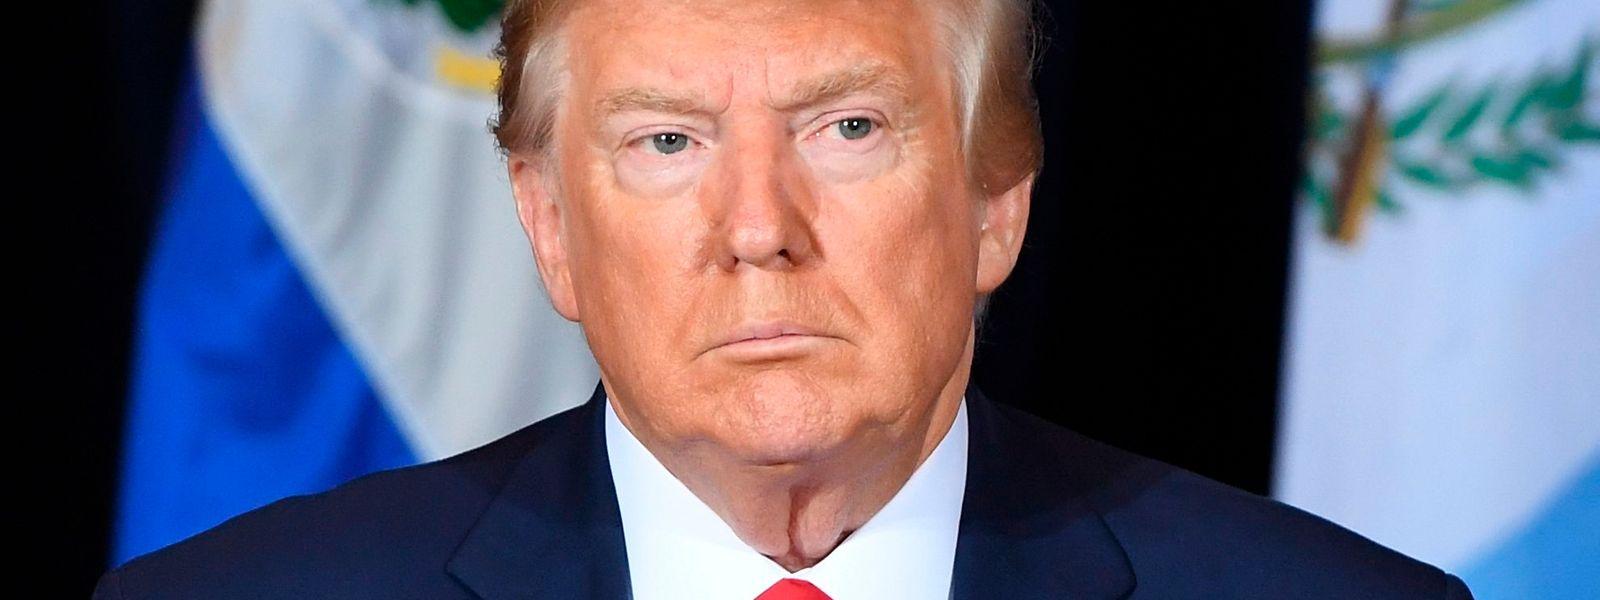 """Trump drohte dem Whistleblower in der Ukraine-Affäre mit """"großen Konsequenzen""""."""